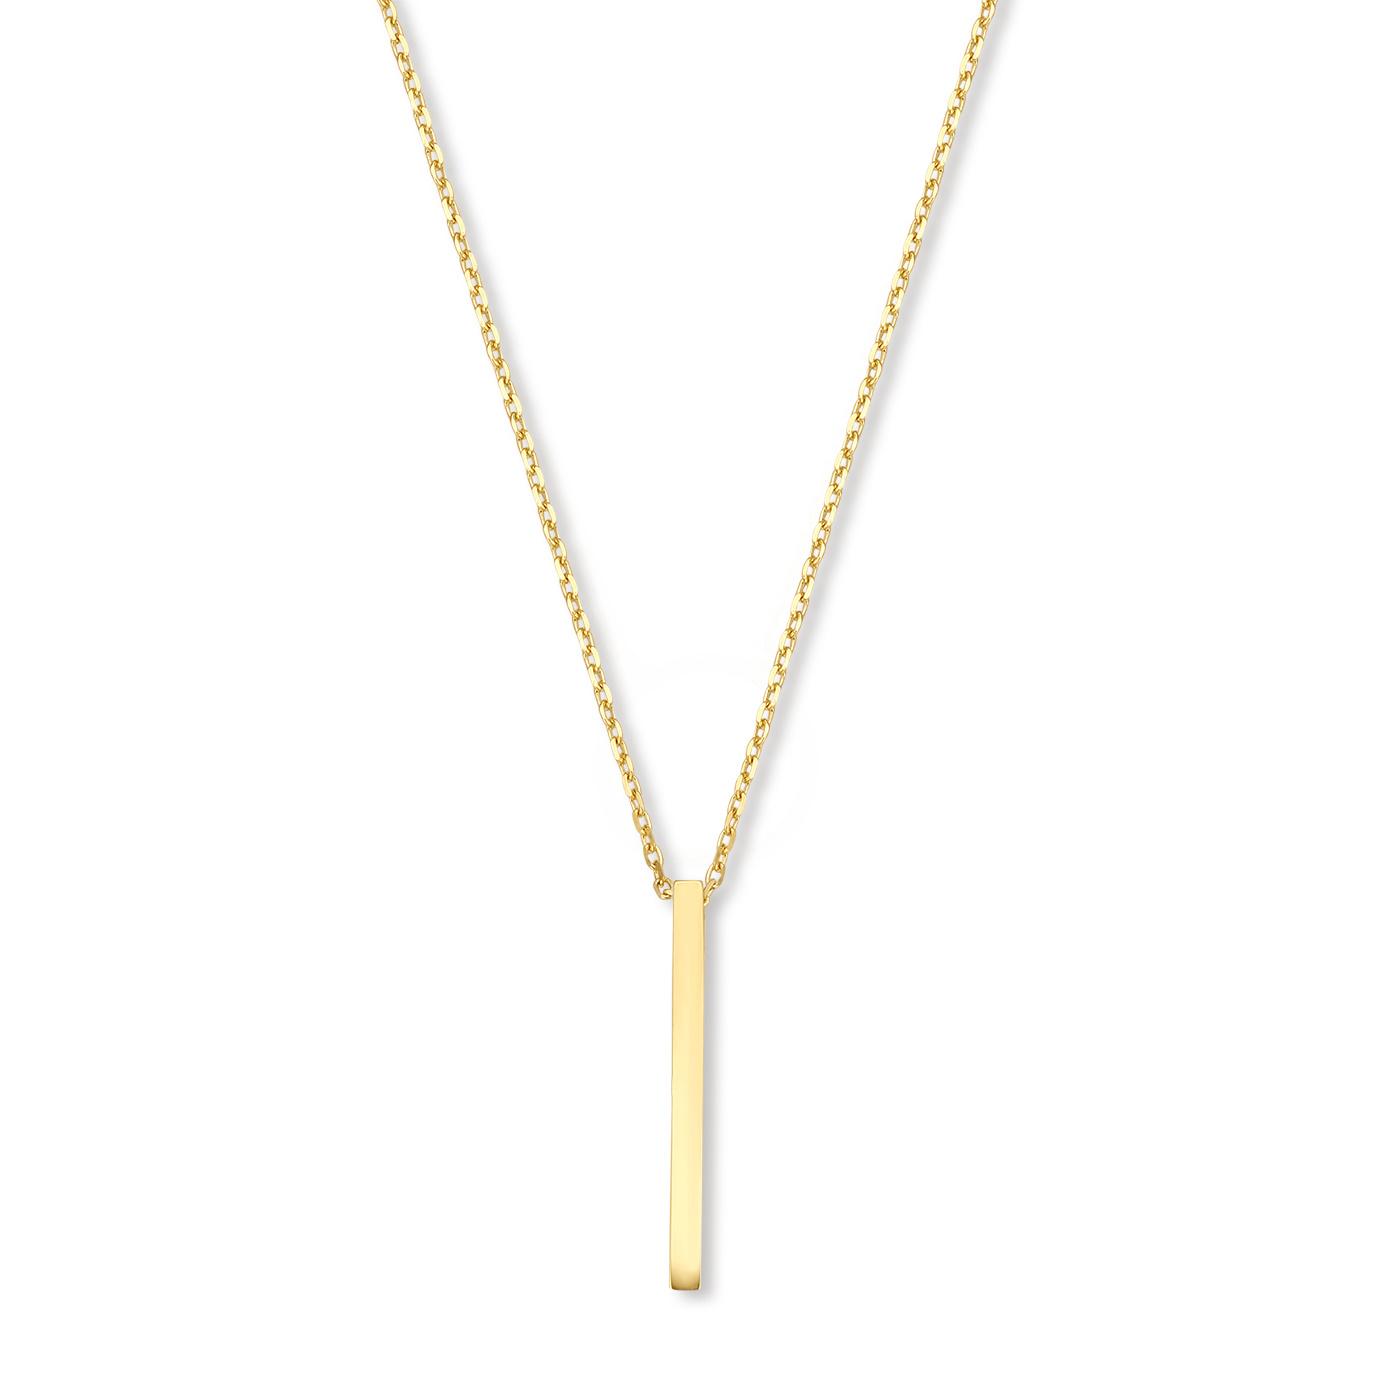 Isabel Bernard Collana in oro con ciondolo a barra 14 carati Le Marais Eloise